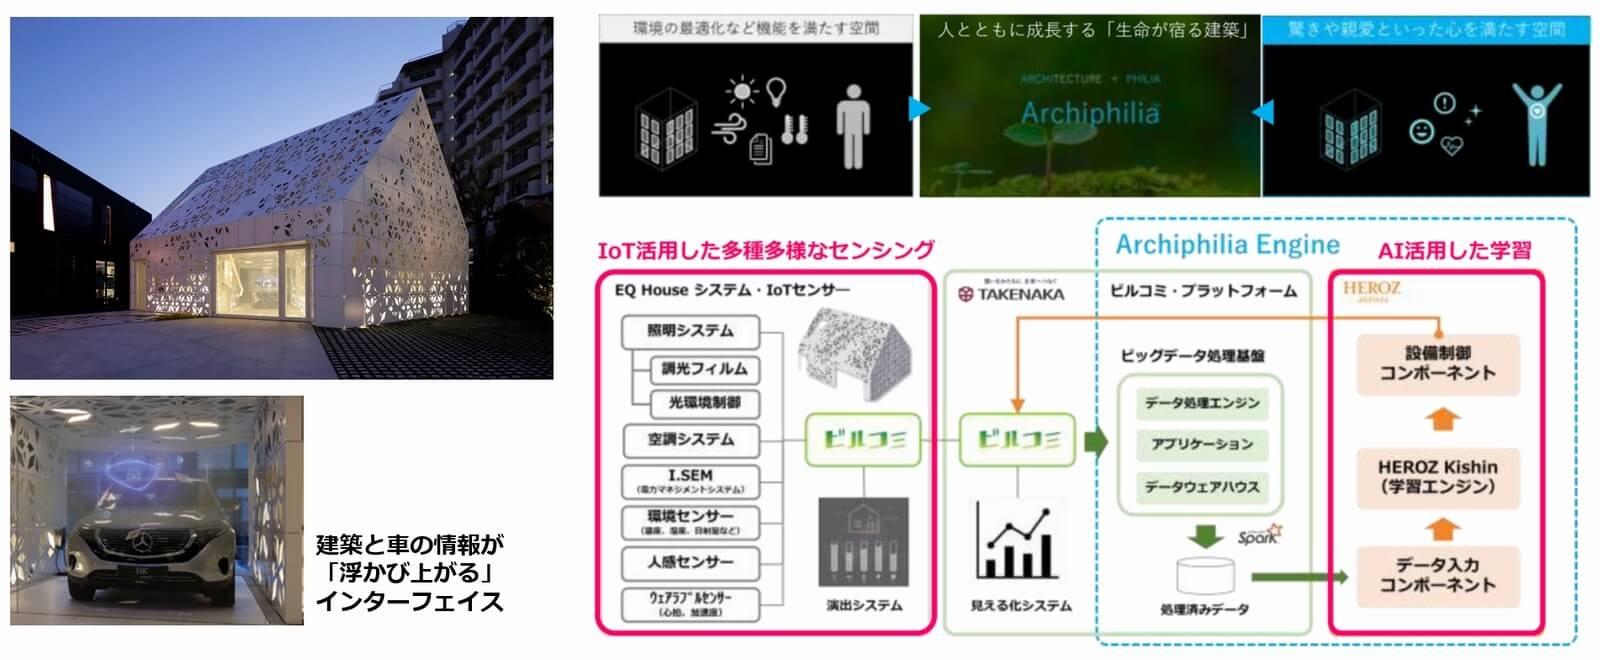 資料:ビルコミ事例(AIを搭載した近未来の建築技術を活用することで、来場者の好みや快適性を、AIが学習し、よりパーソナライズされた快適な空間を実現)